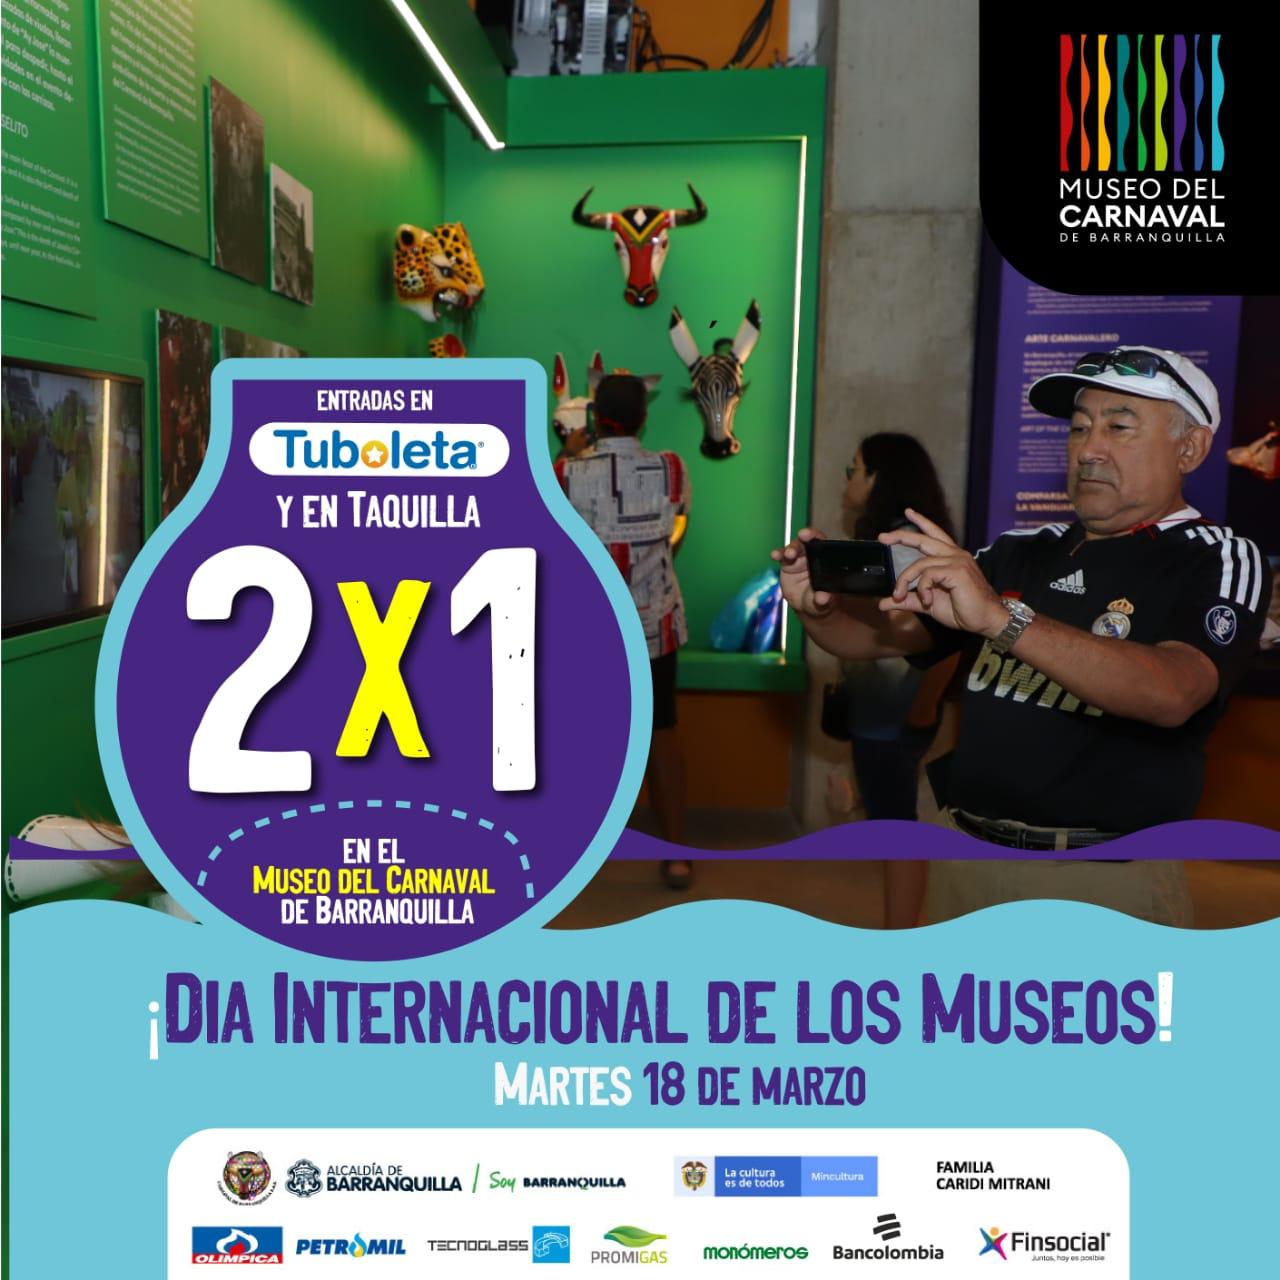 El Museo del Carnaval con entrada especial para el Día Internacional de los Museos